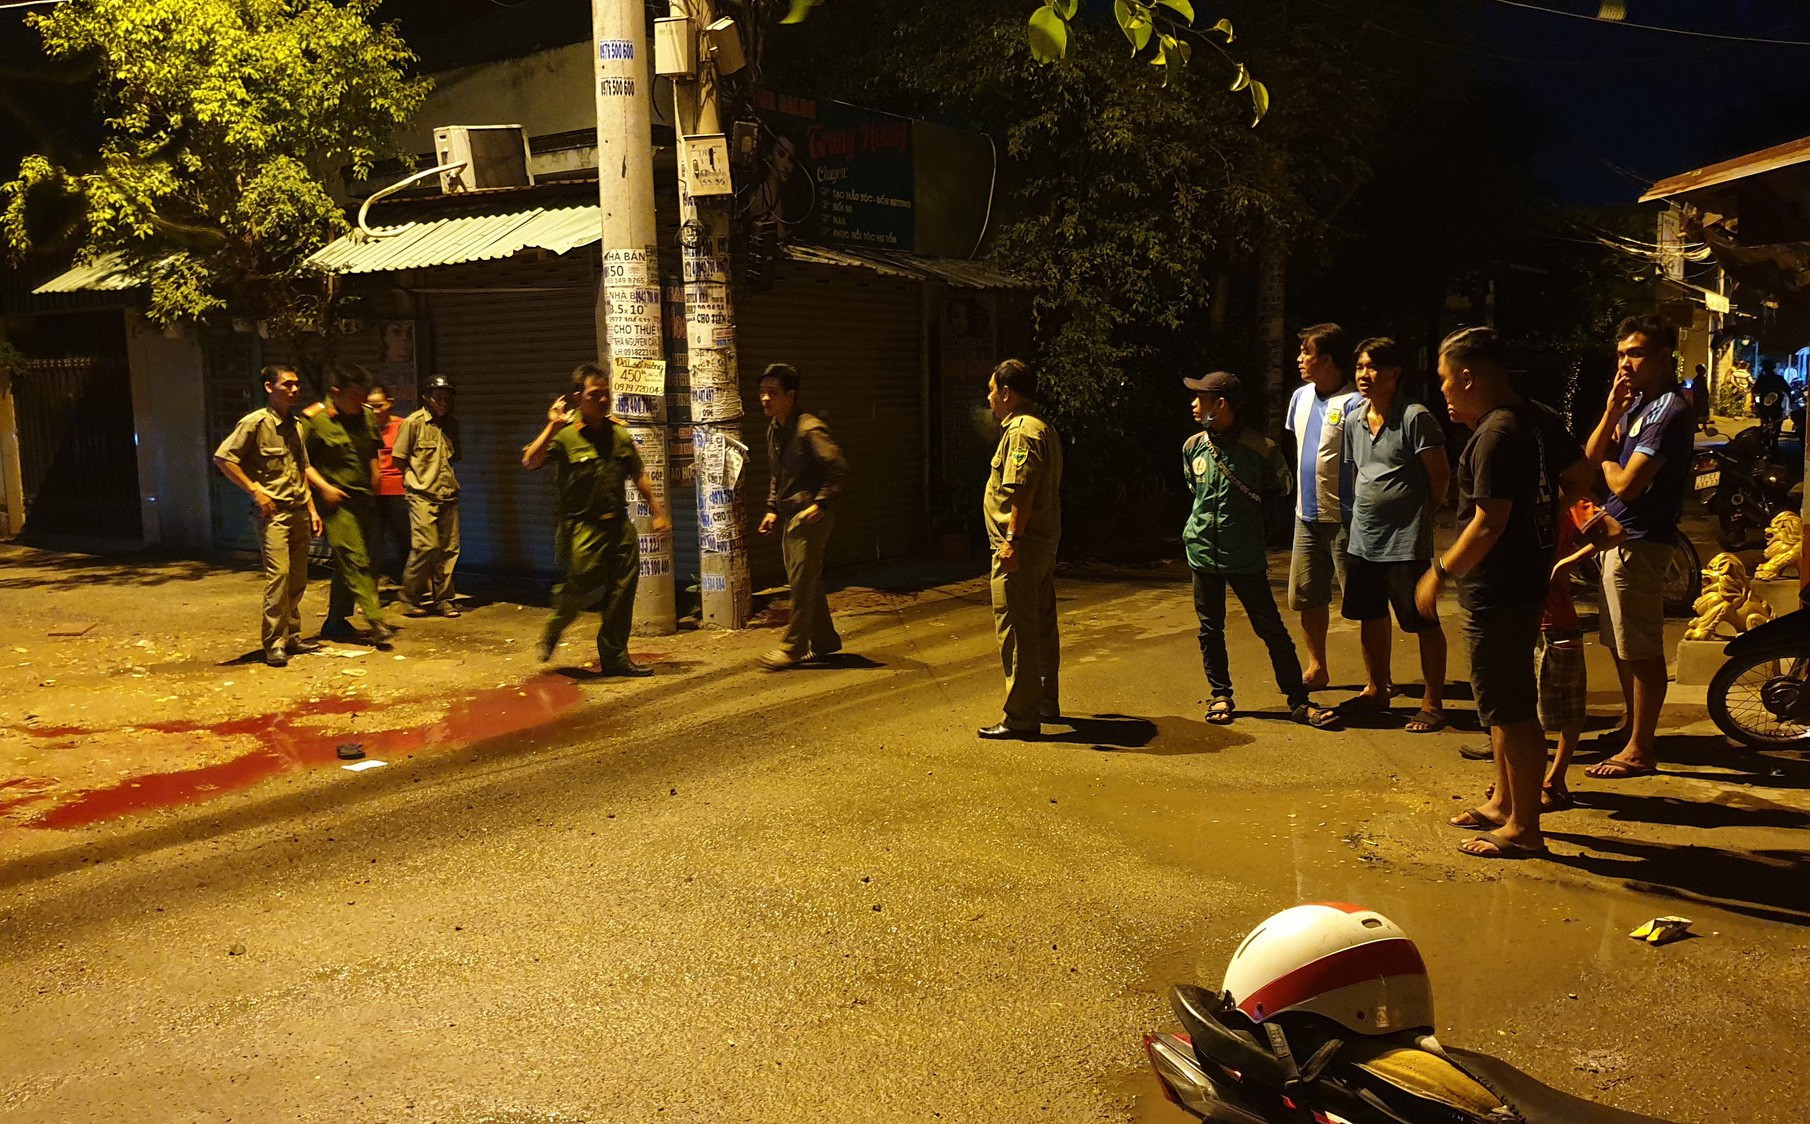 Bắt nhóm thanh niên tham gia hỗn chiến ở Sài Gòn khiến 1 người tử vong